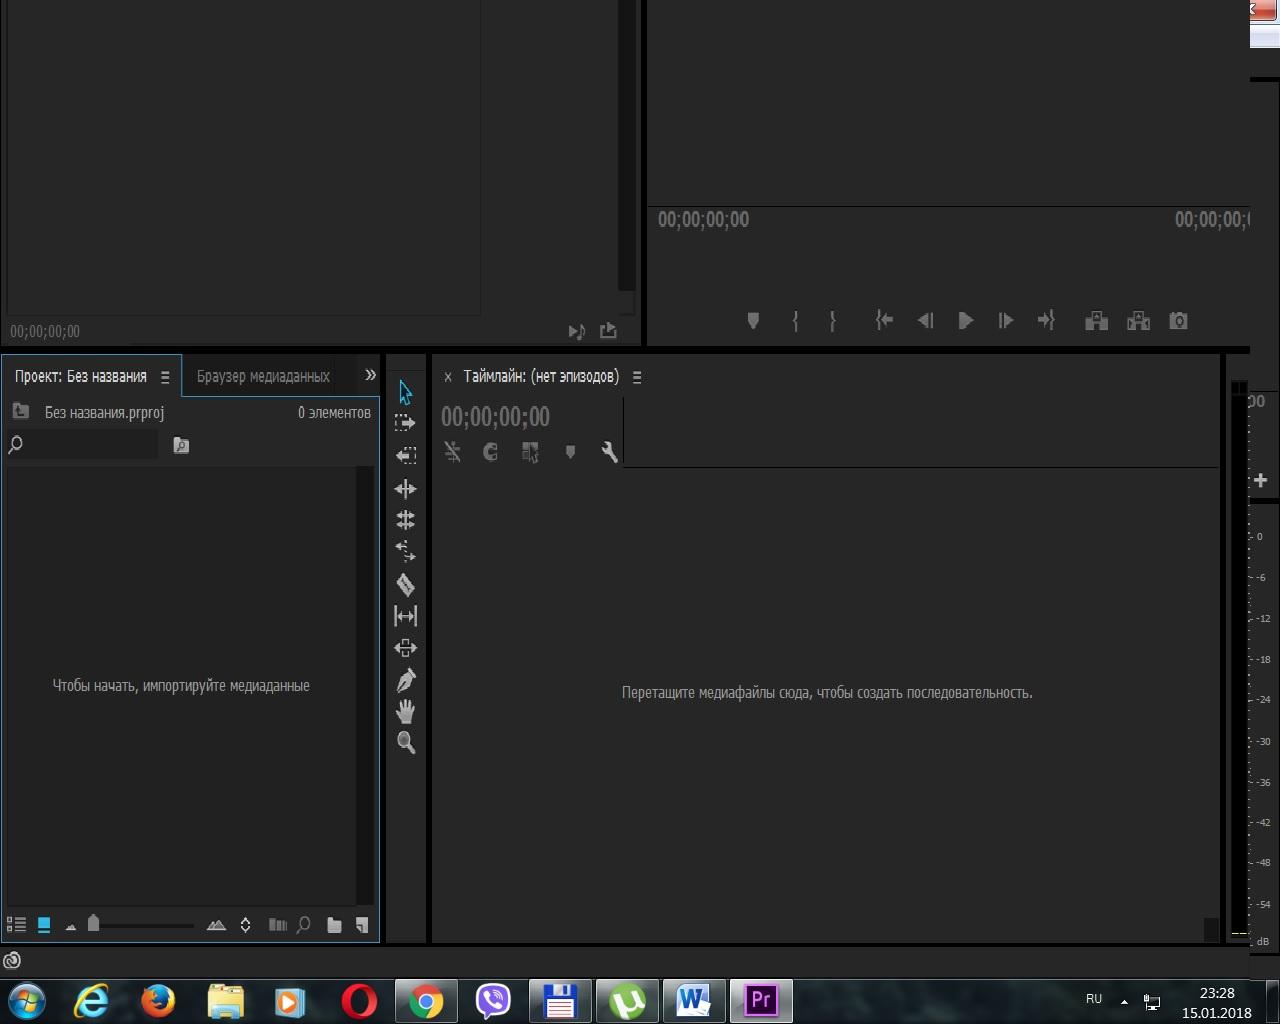 Программа для видеомонтажа Adobe Premiere